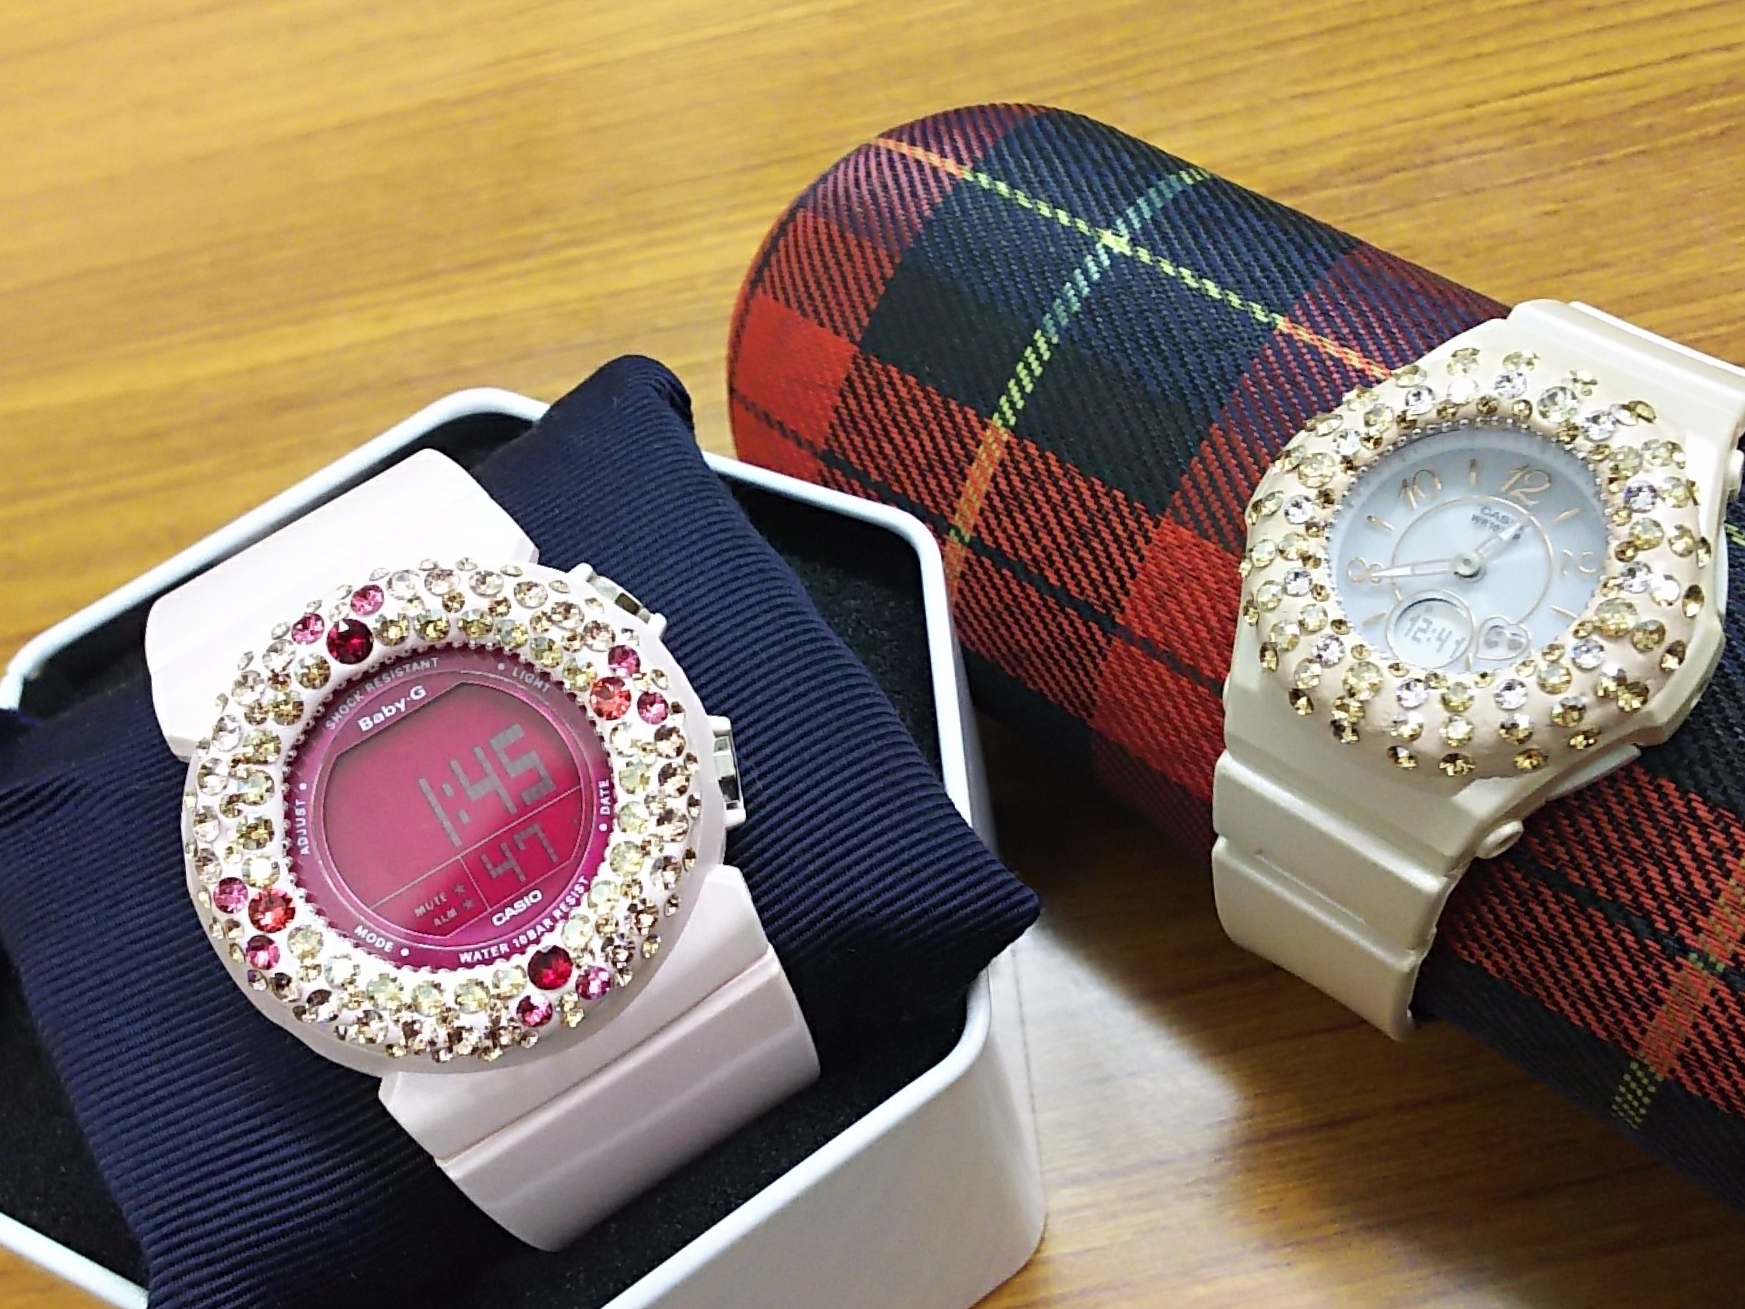 市販の時計のバンドとピッタリな色で作る、グルーデコのデコウォッチ♪